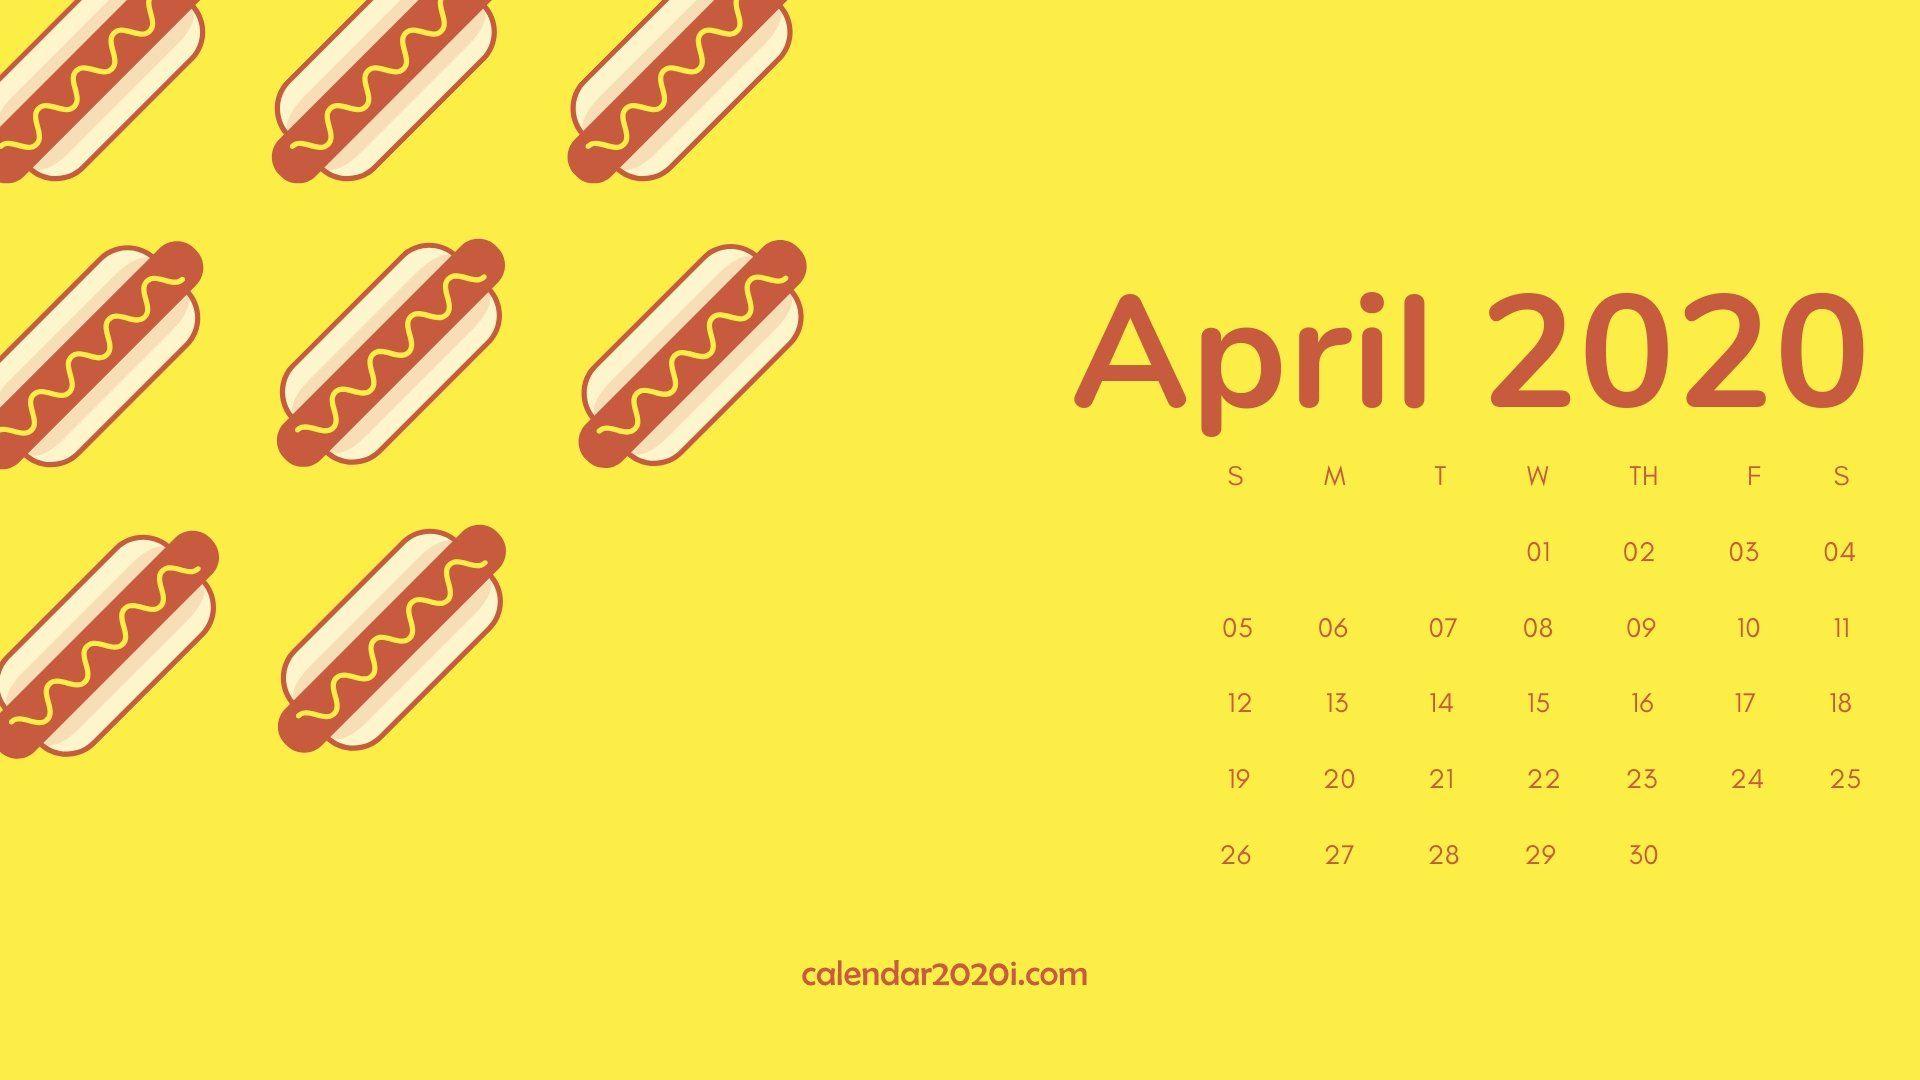 April 2020 Calendar Desktop Wallpaper Desktop calendar Calendar 1920x1080